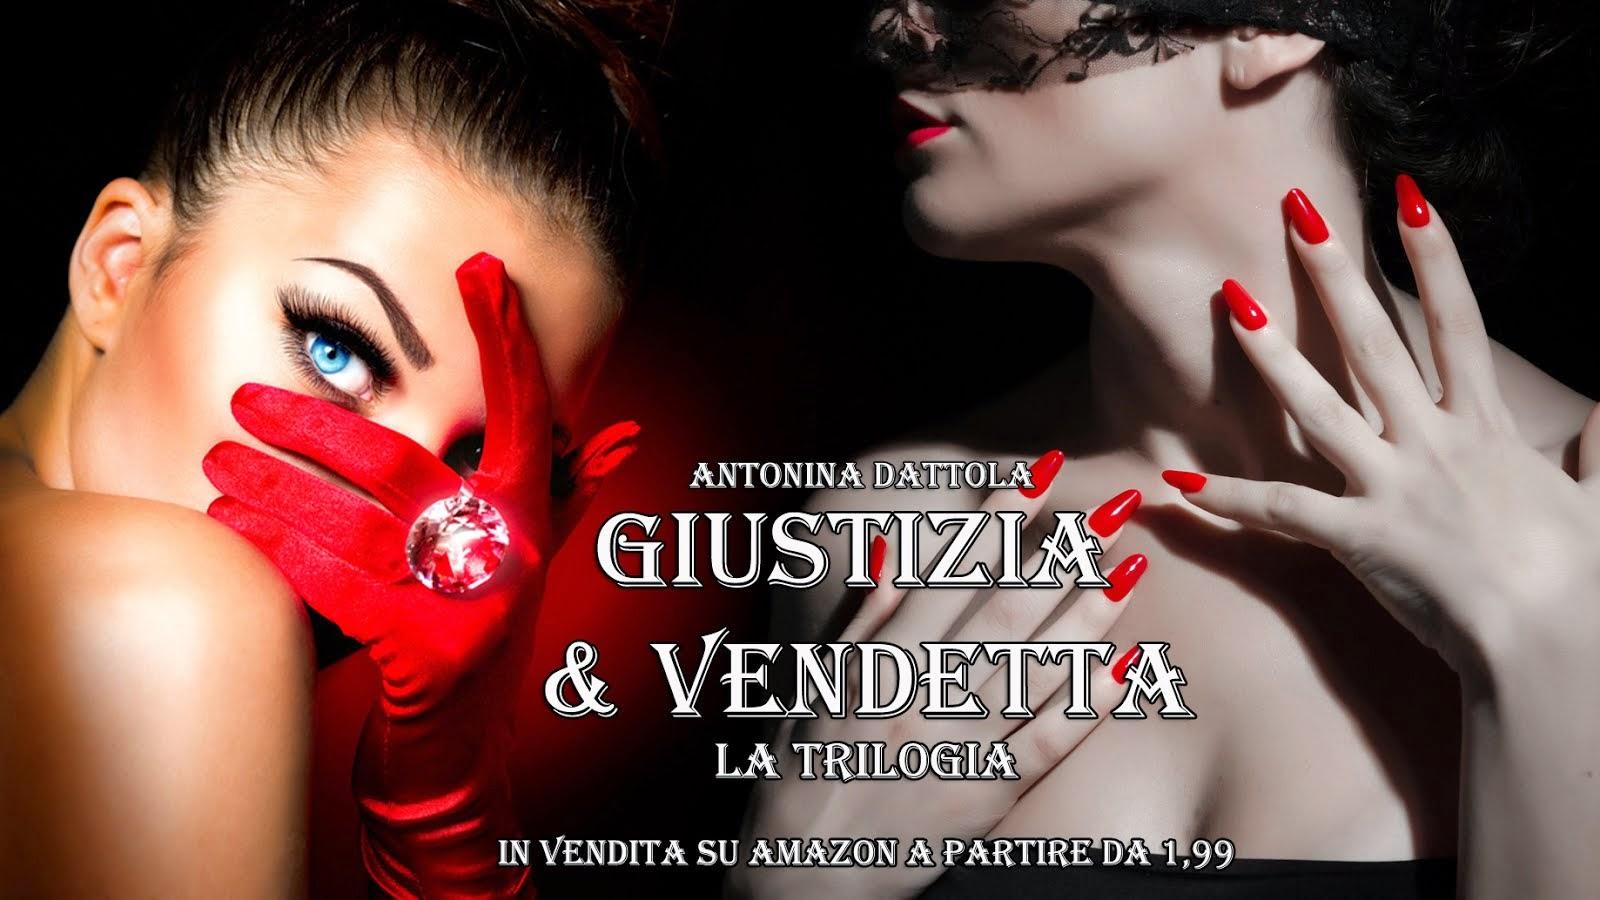 Giustizia & Vendetta